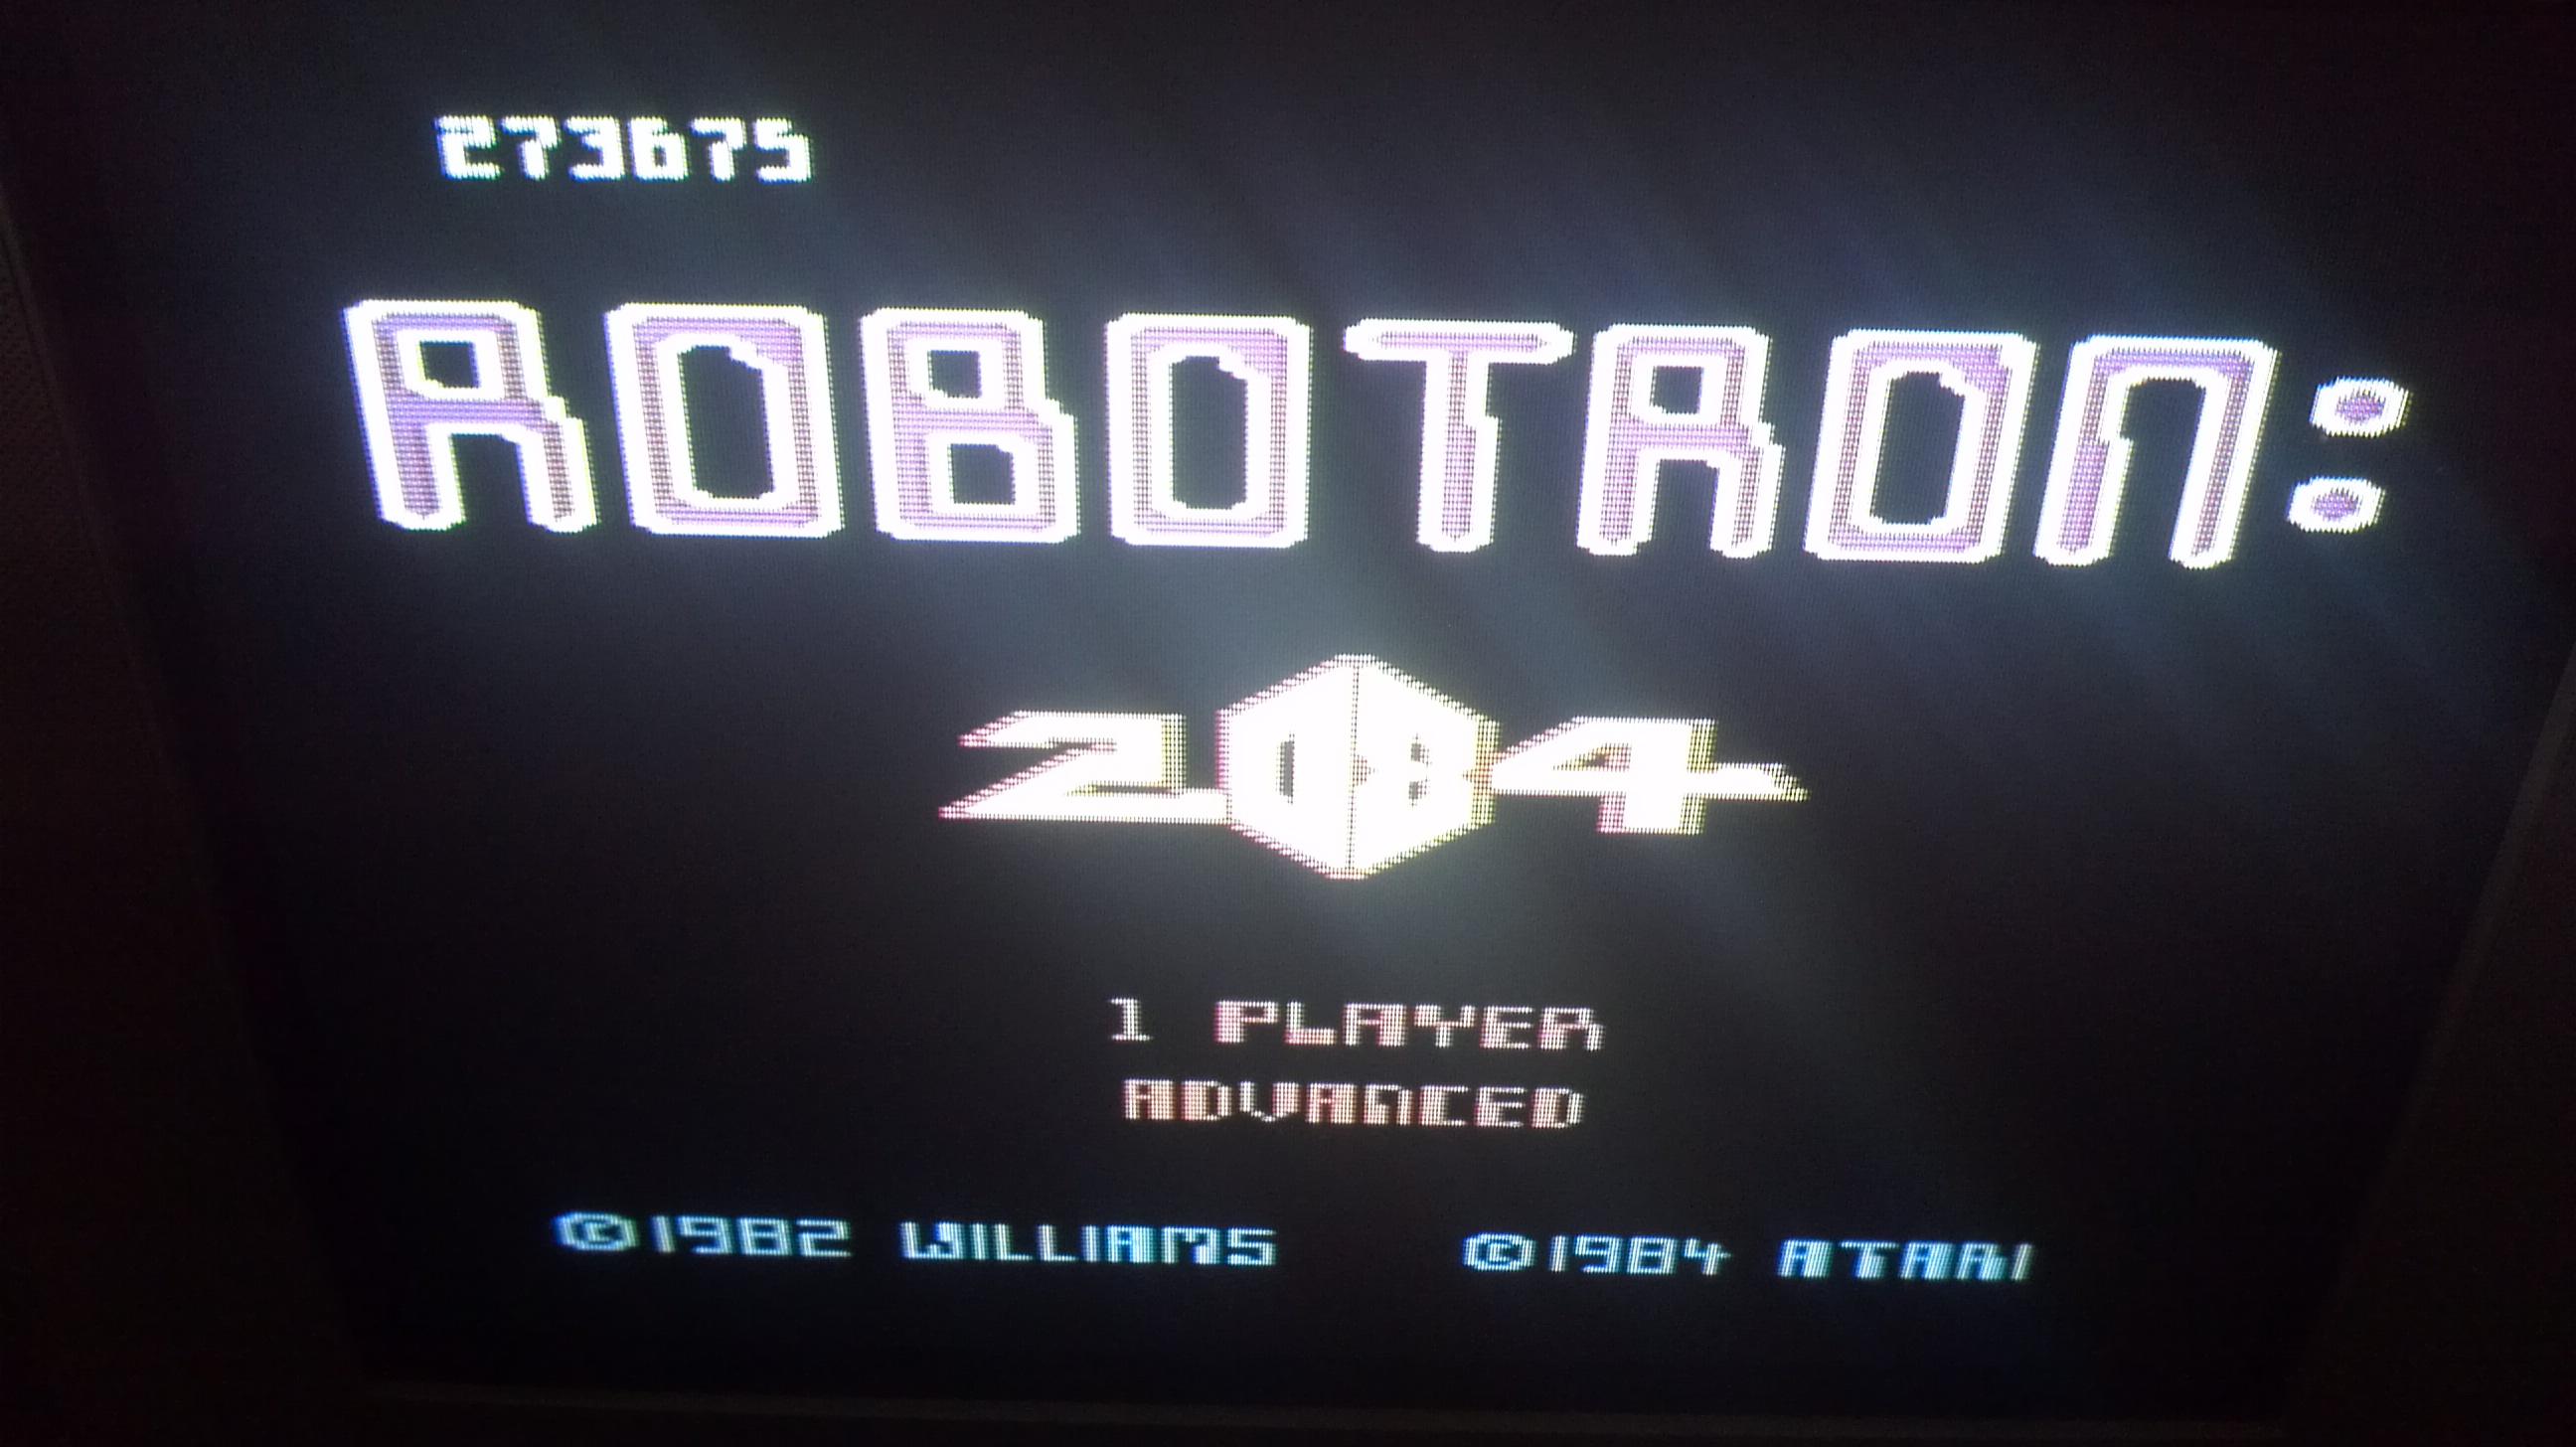 Liduario: Robotron 2084: Advanced (Atari 7800) 273,675 points on 2014-05-01 14:09:35